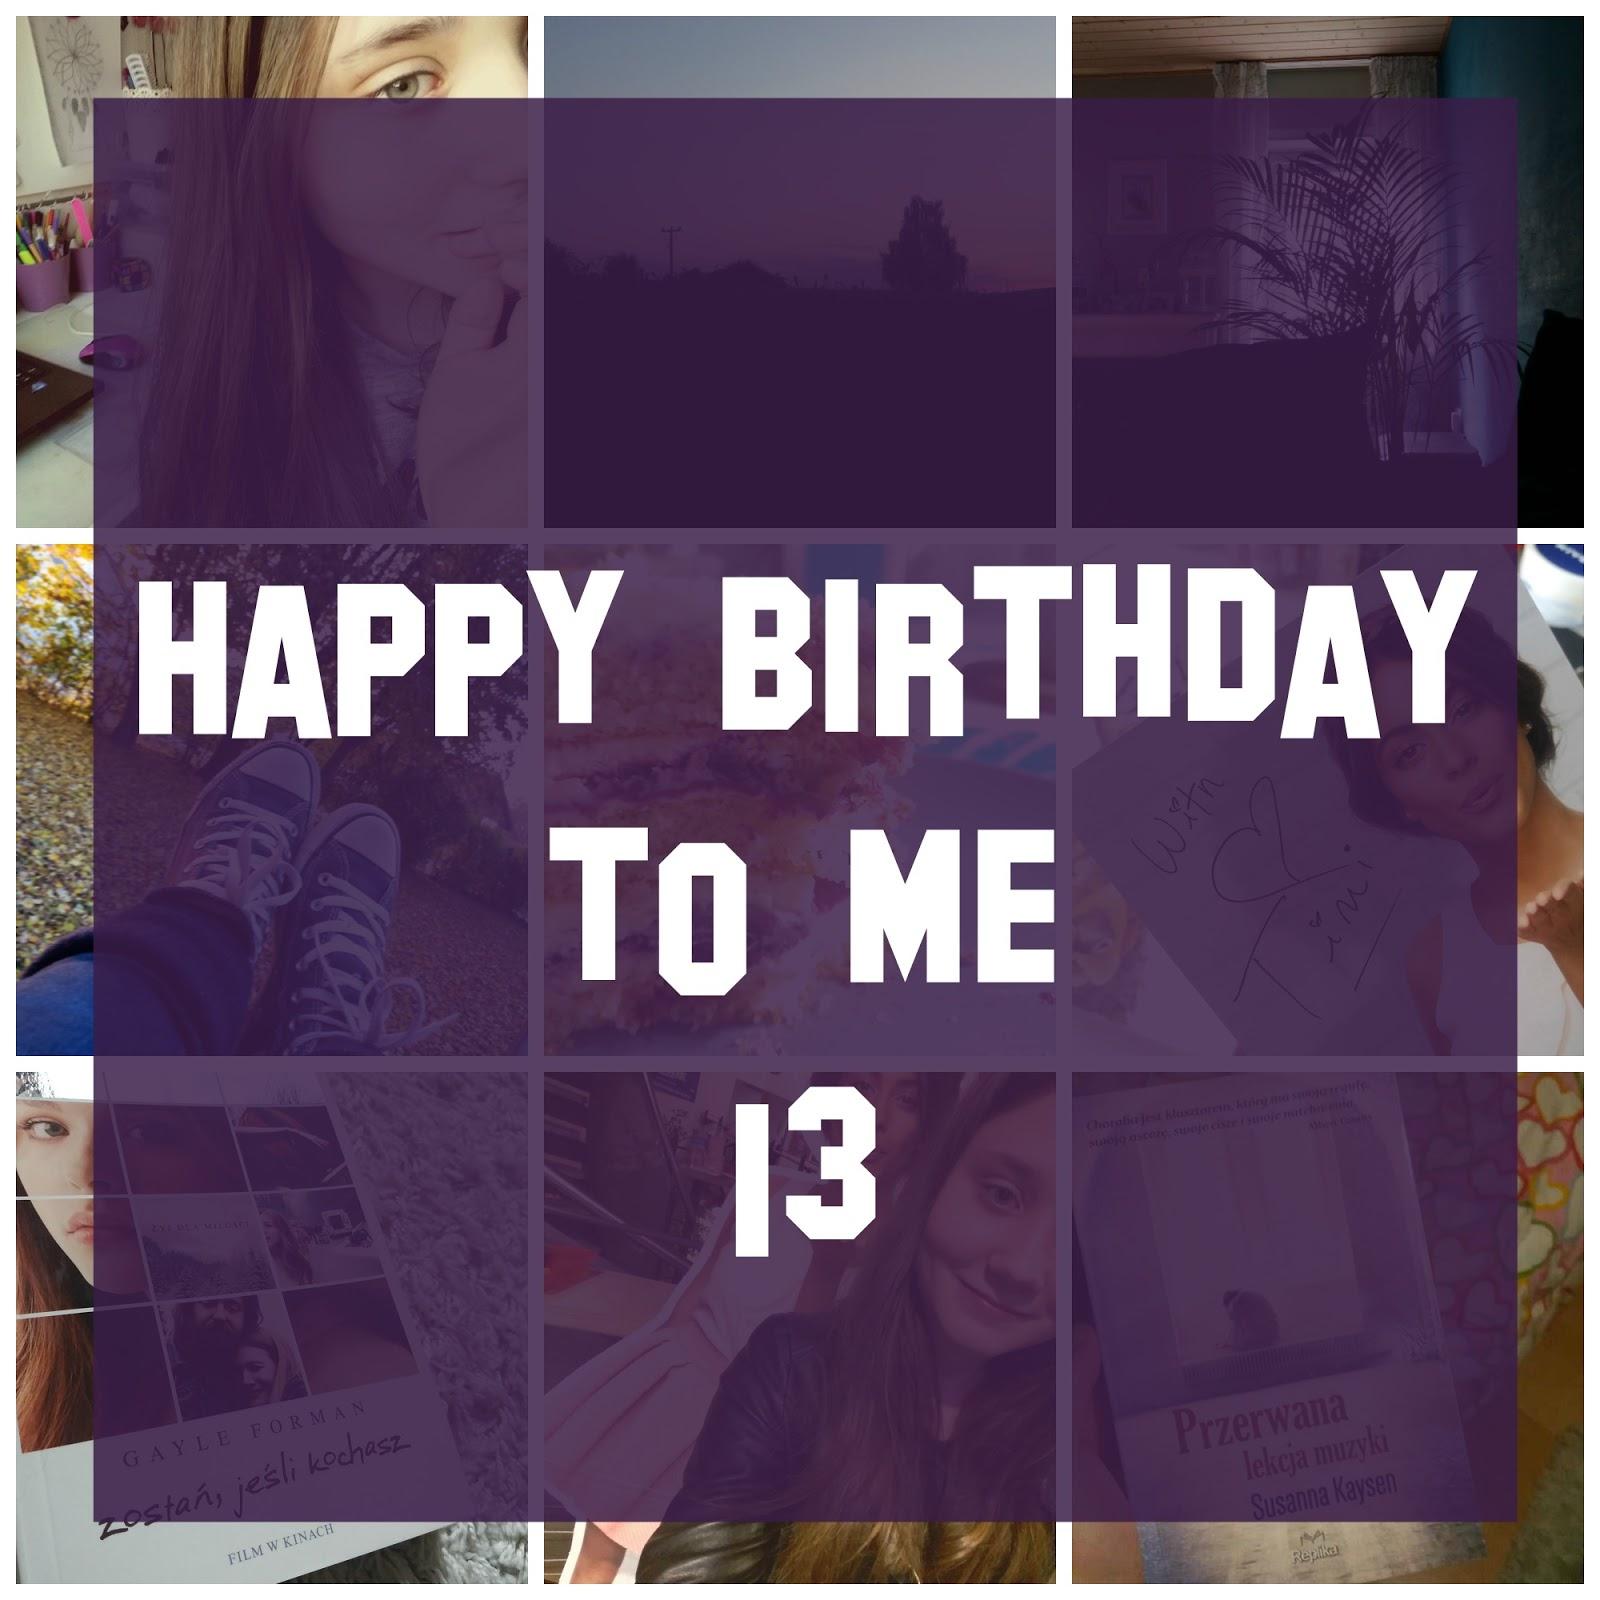 Happy birthday to me | 13